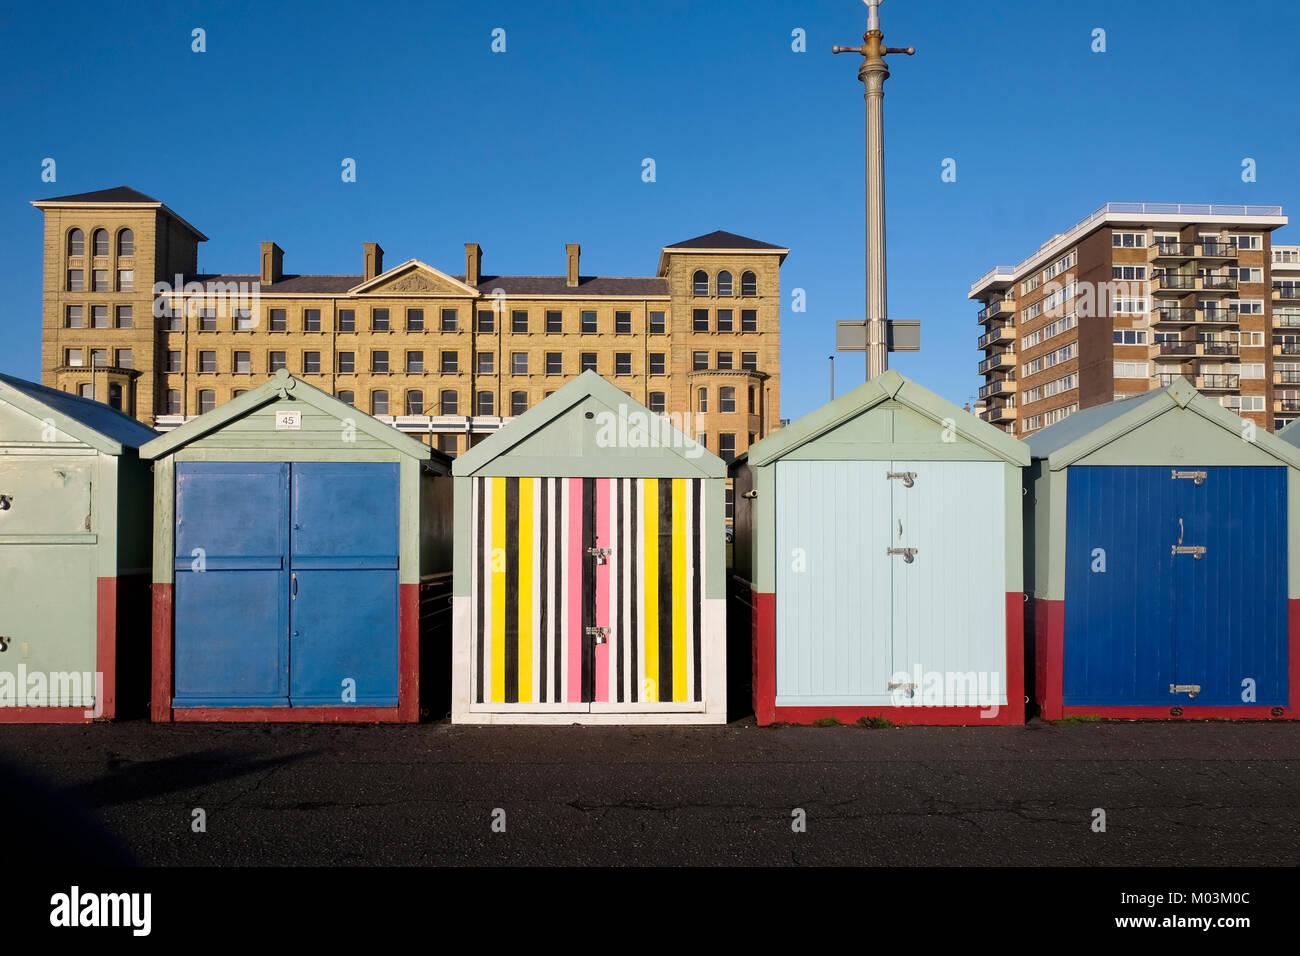 Brighton Seafront cinco cabañas de playa, cuatro puertas con el azul y el verde el quinto en el centro tiene Imagen De Stock